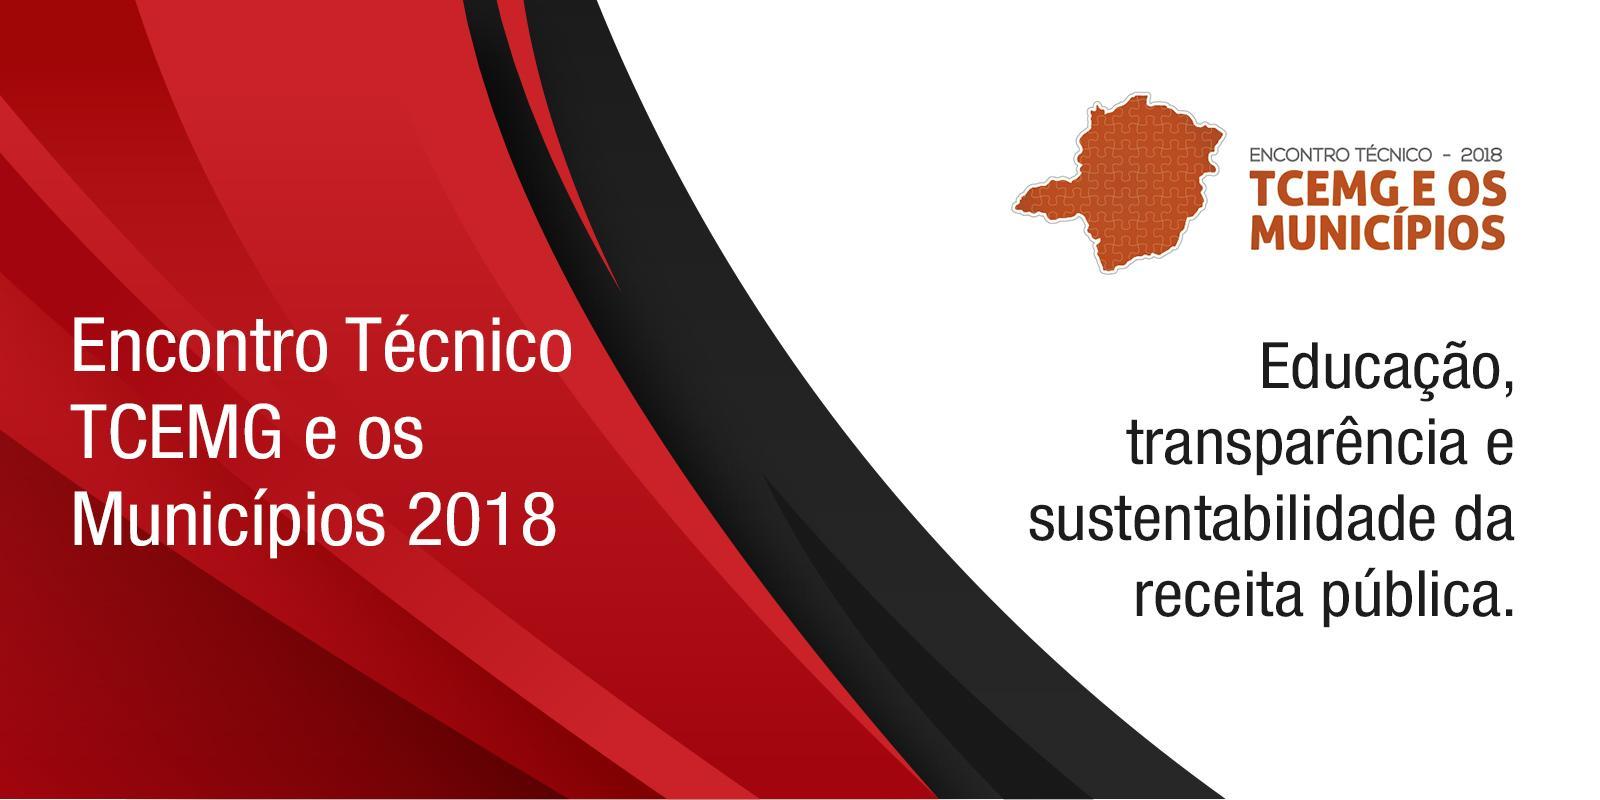 Encontro Técnico TCEMG e os Municípios 2018: Educação, transparência e sustentabilidade da receita pública